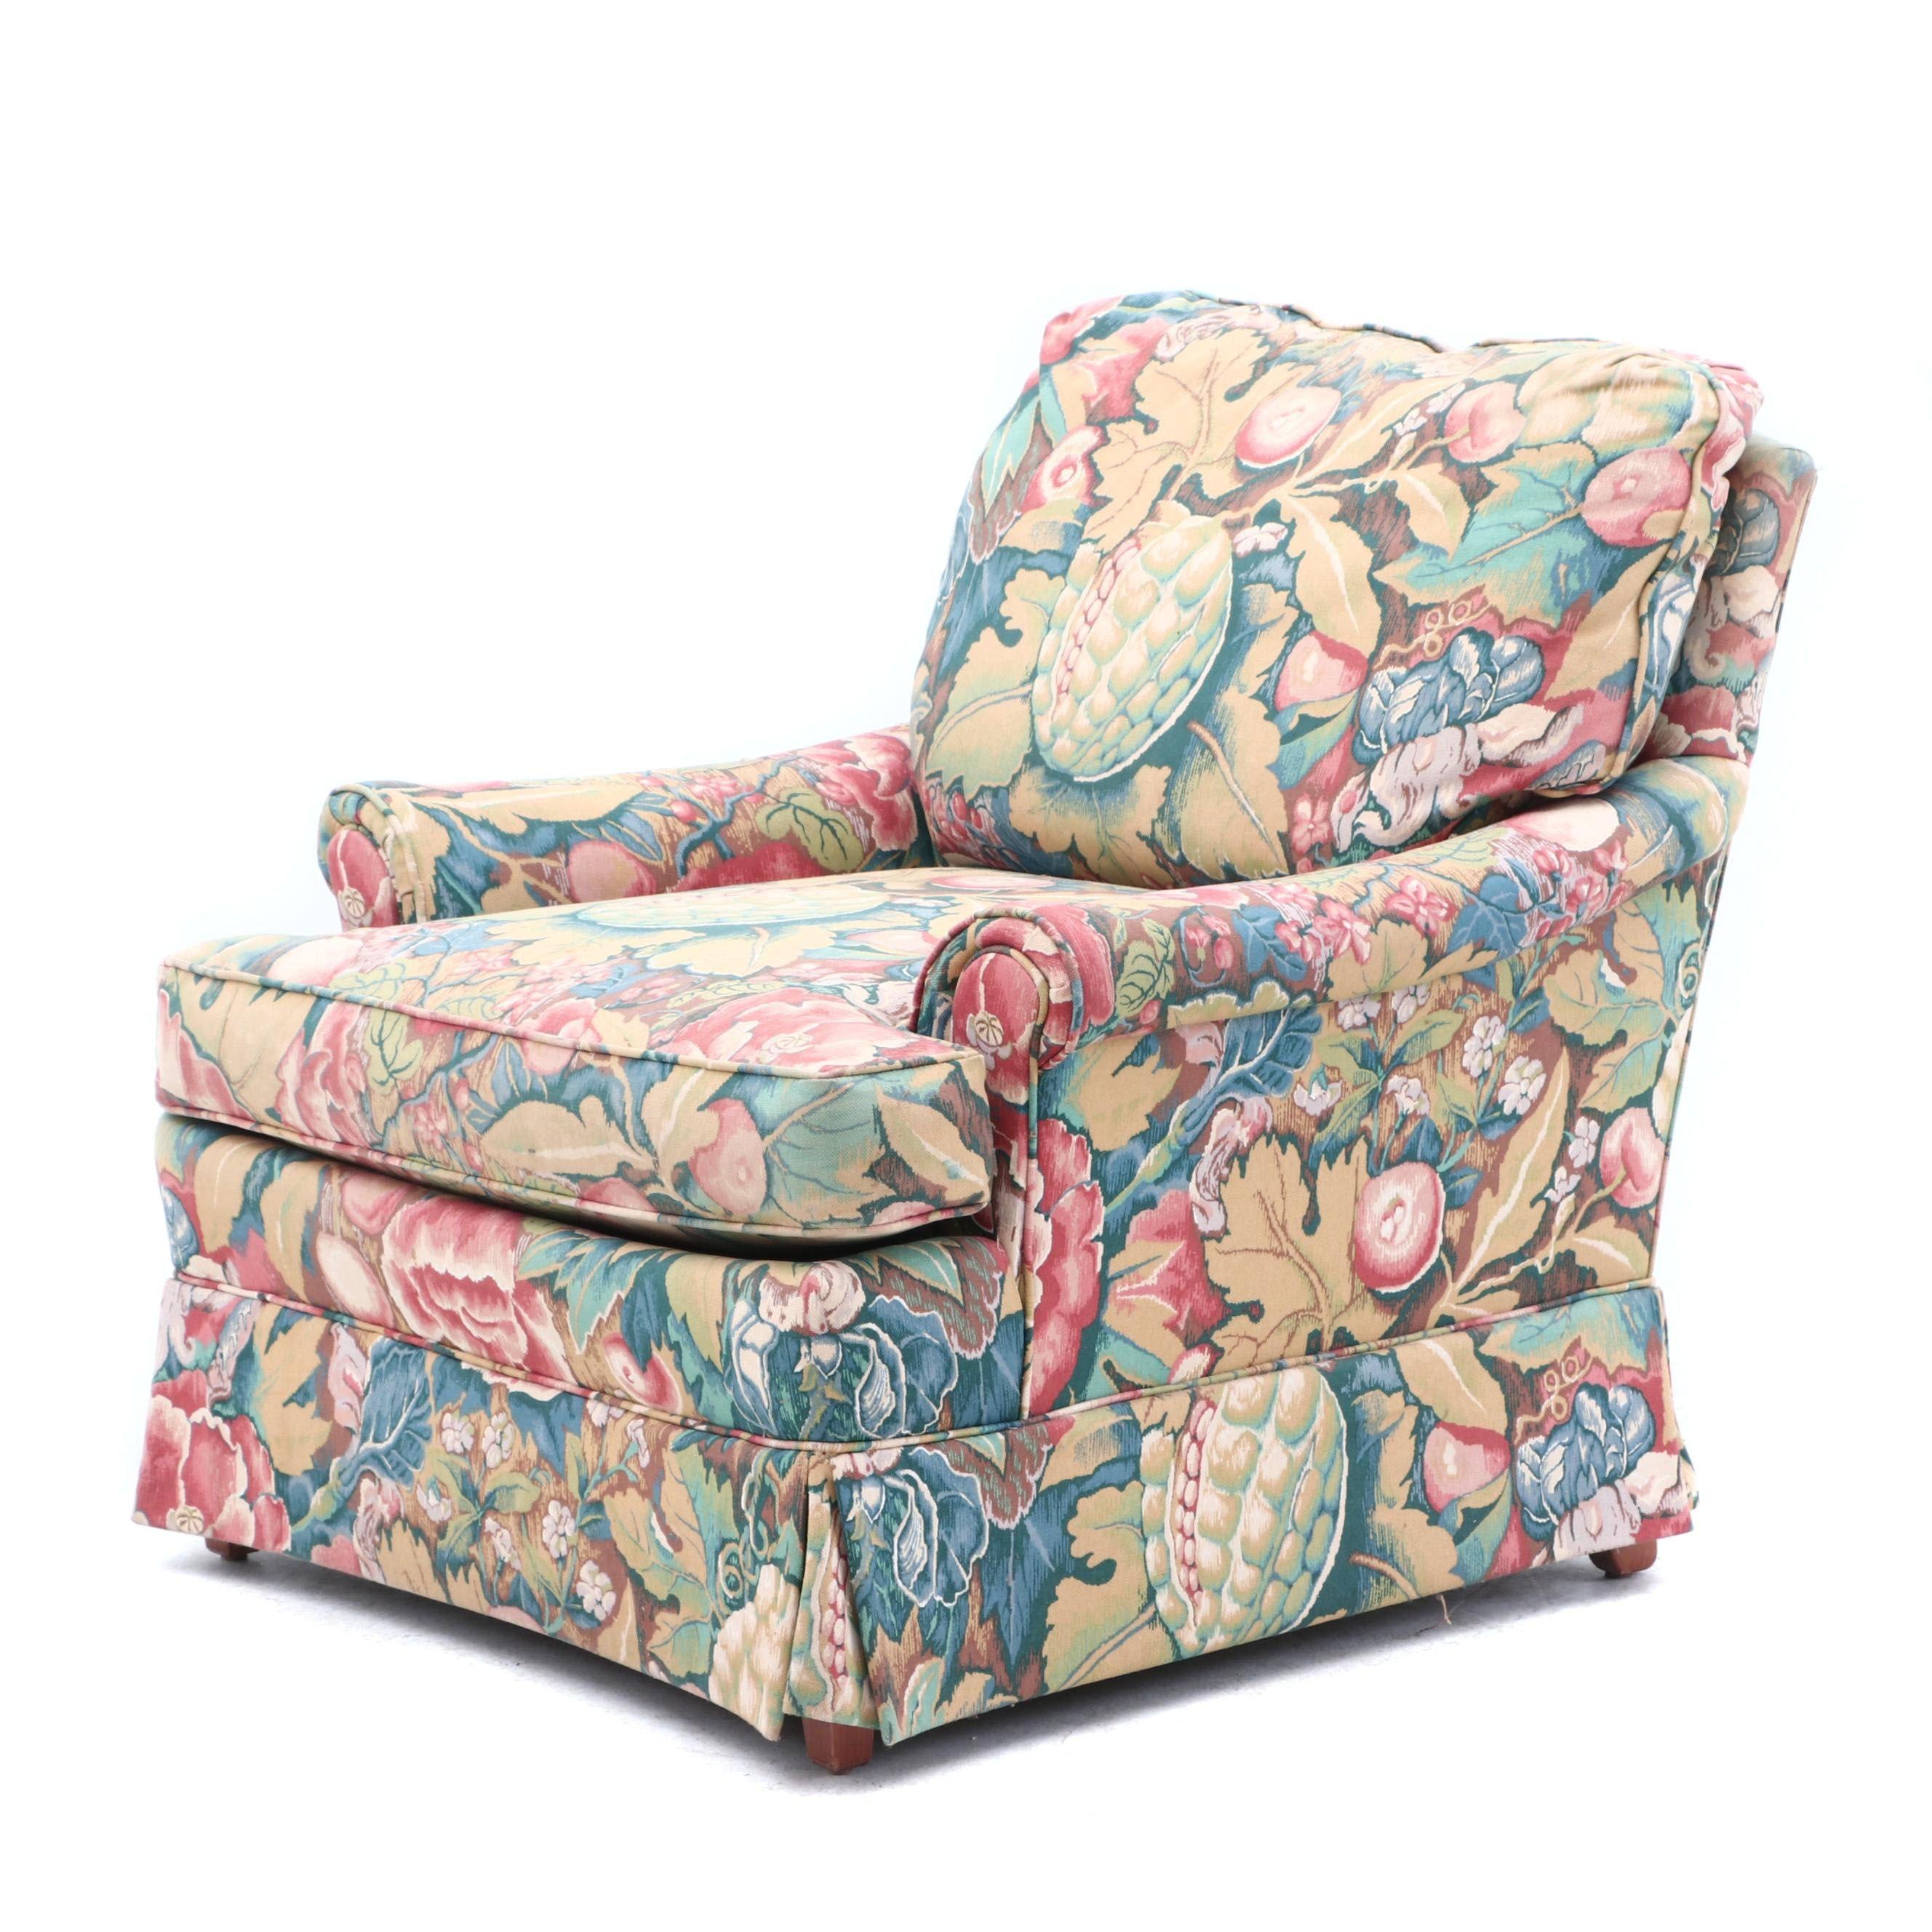 Linen Print Club Chair by Fairington, Late 20th Century